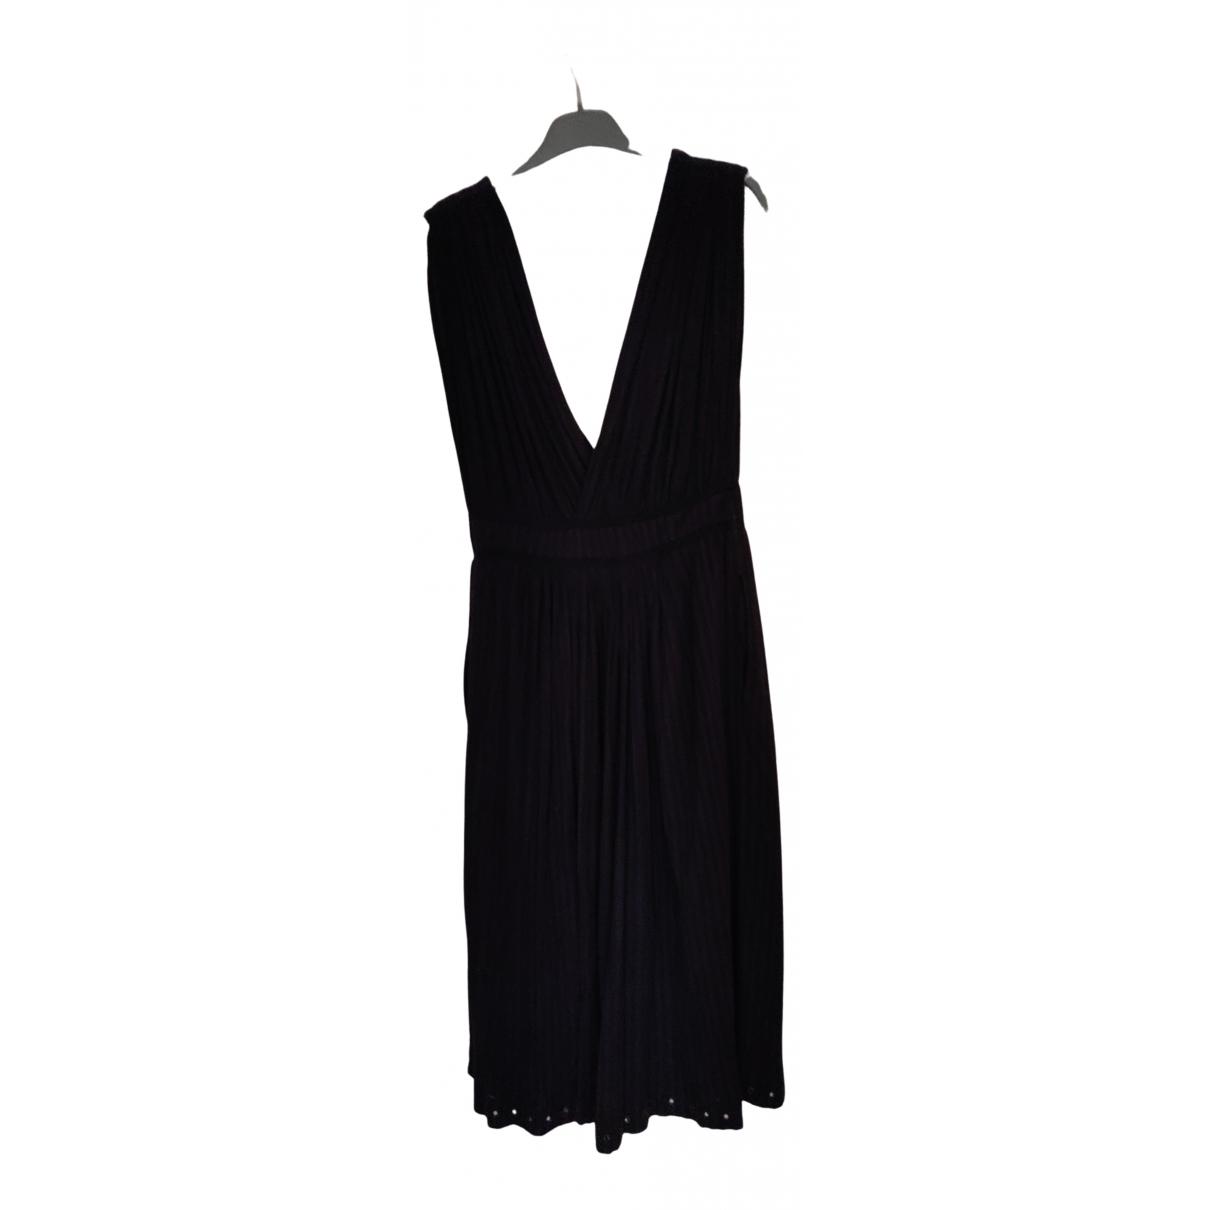 Isabel Marant Etoile N Black Cotton dress for Women 38 FR